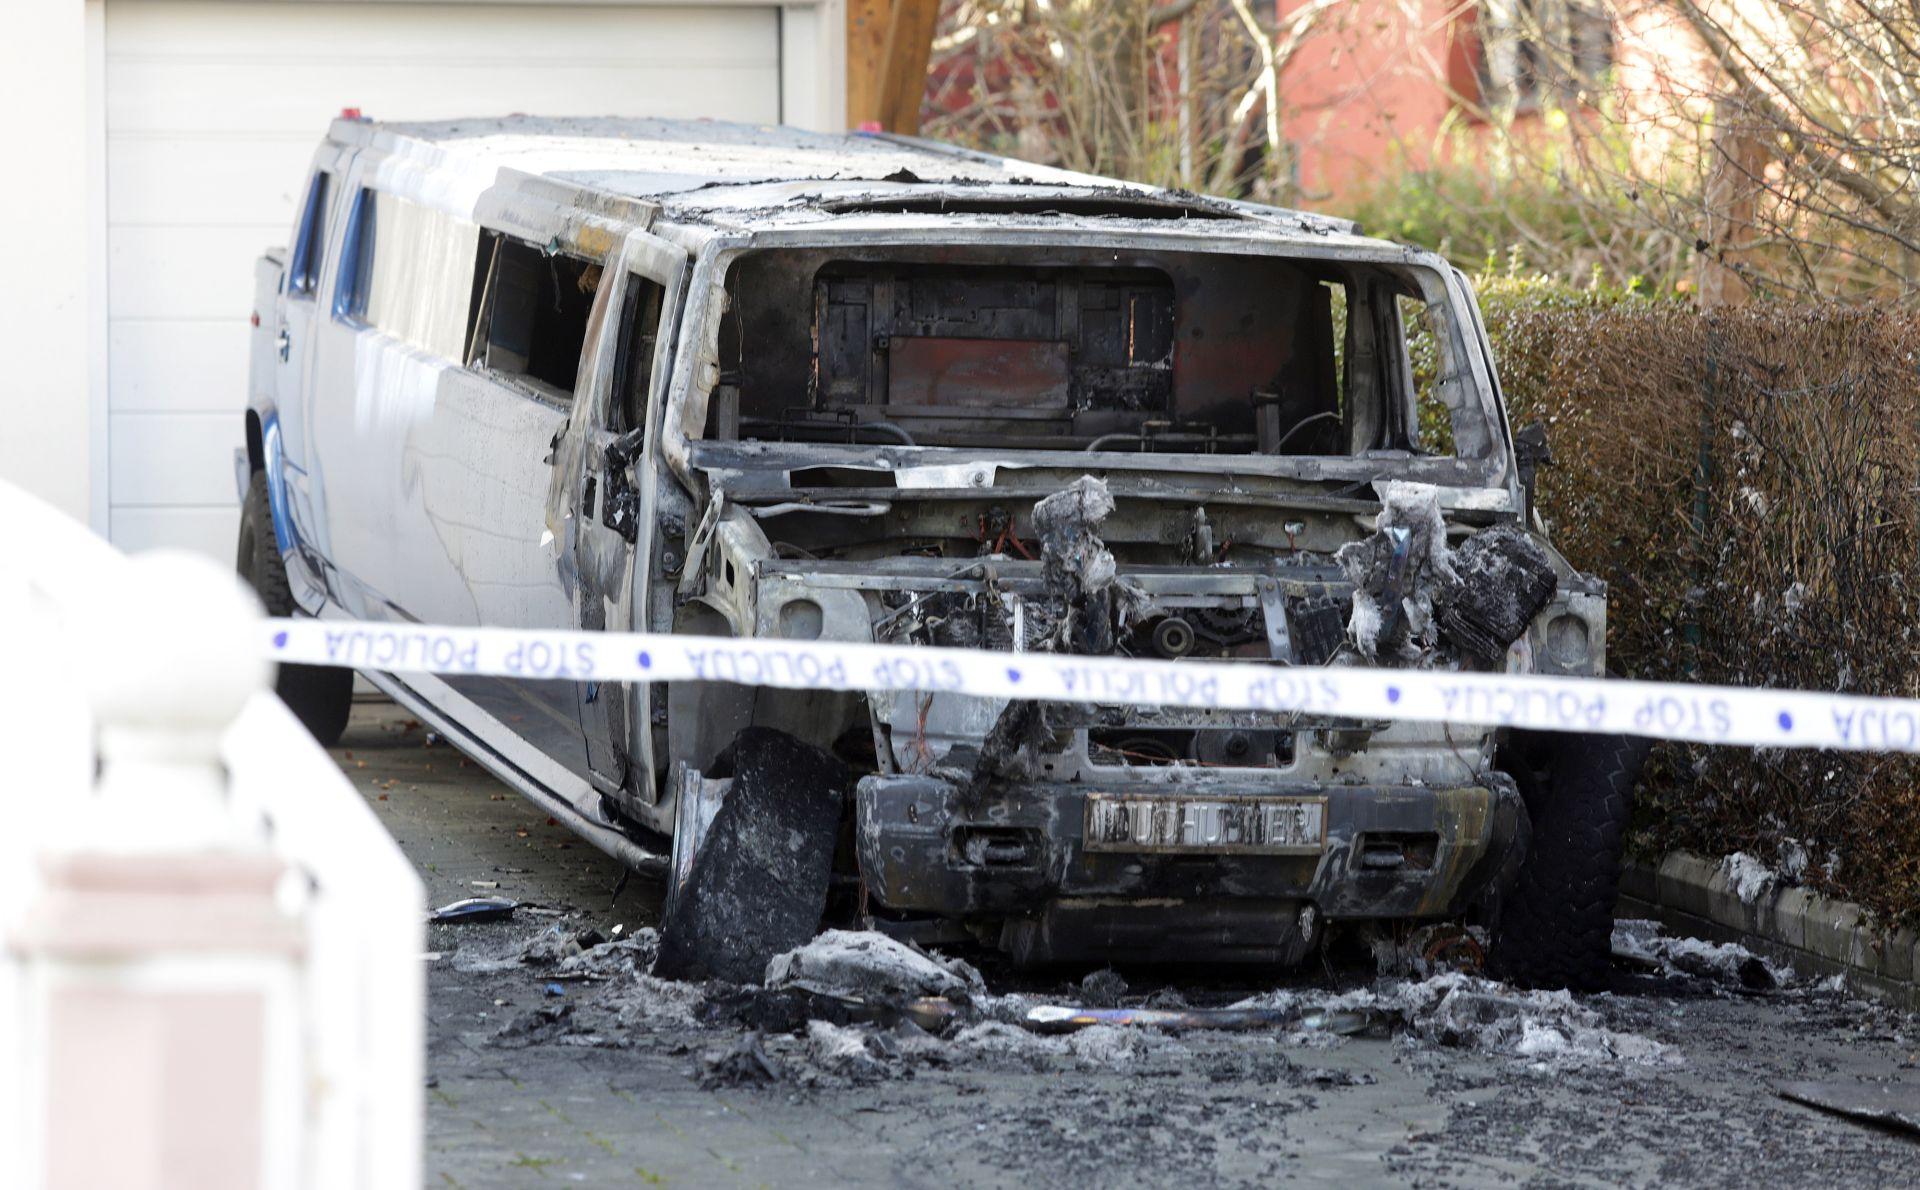 DVA POŽARA U ZAGREBU: Na Gornjem Bukovcu pronađena mrtva osoba, u Čulinečkoj se zapalio ZET-ov autobus